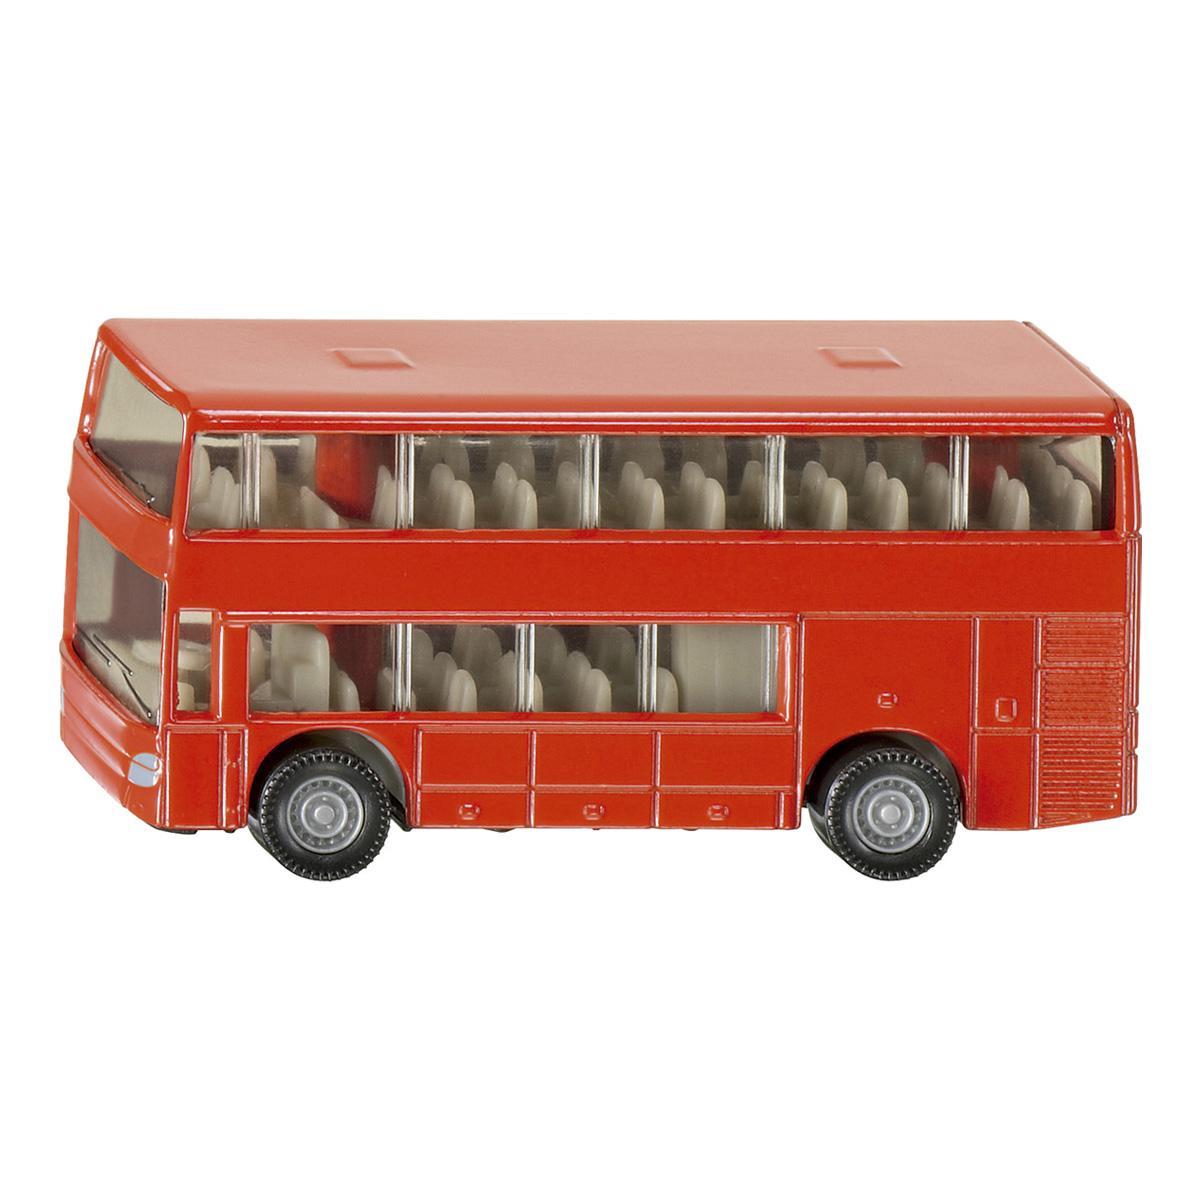 ジク社 2階建て旅客バス (ジク・SIKU)